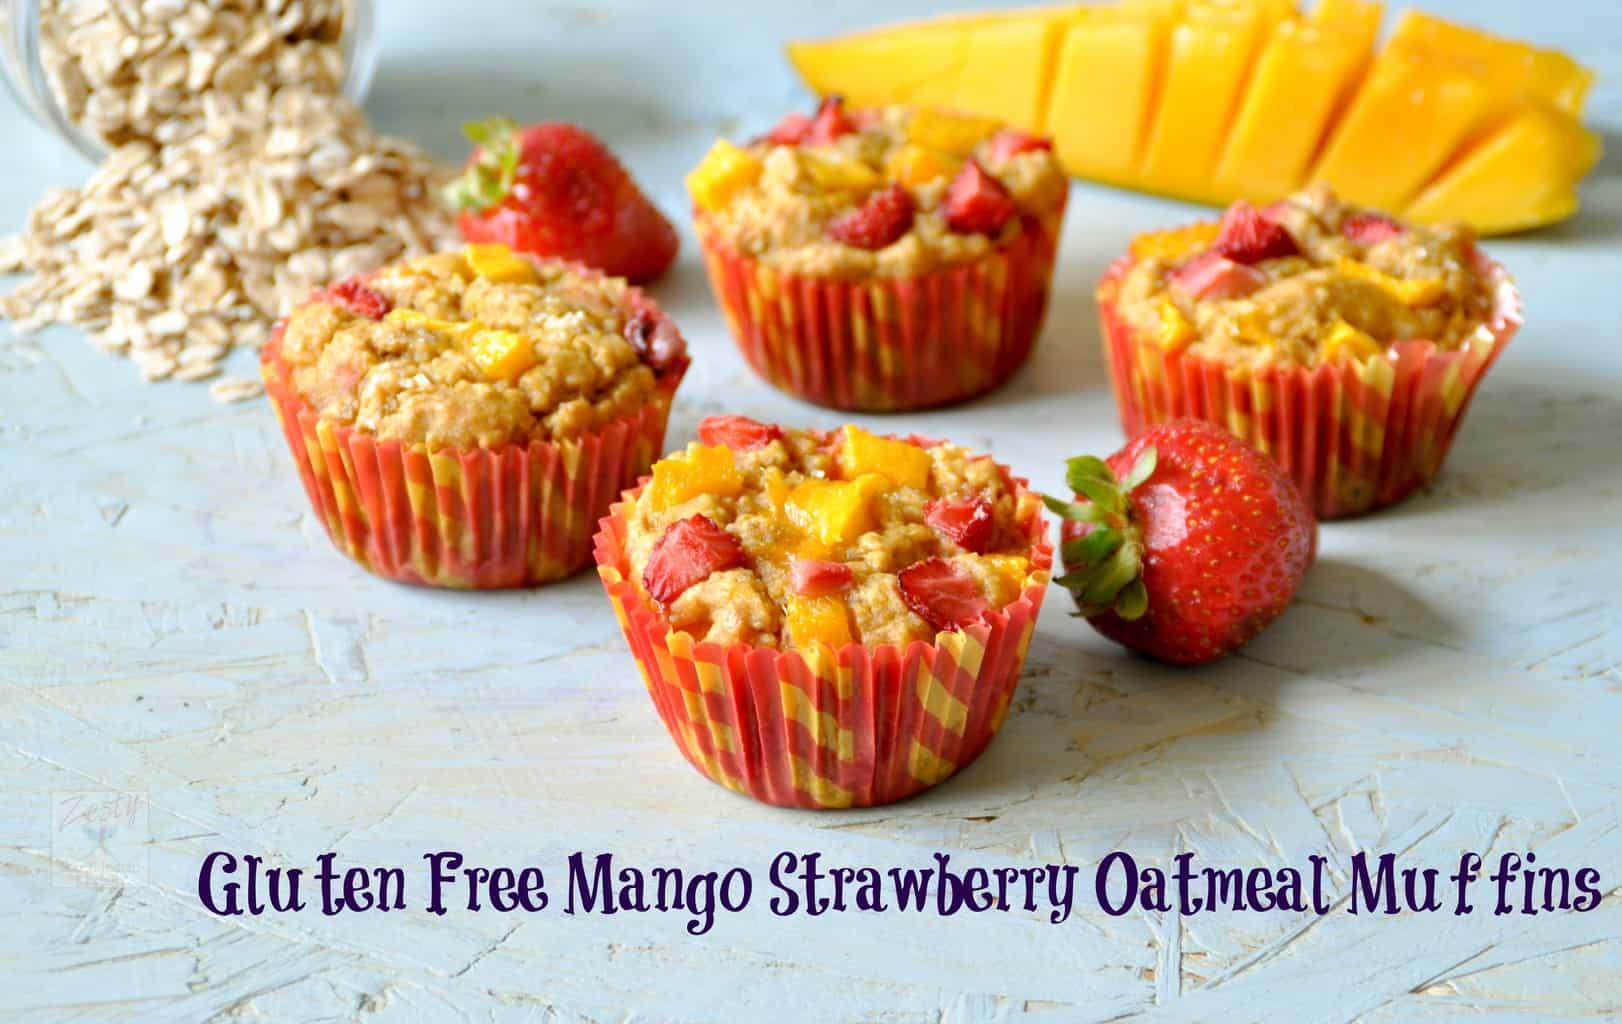 Gluten free Mango Strawberry Oatmeal Muffins and Savory ...